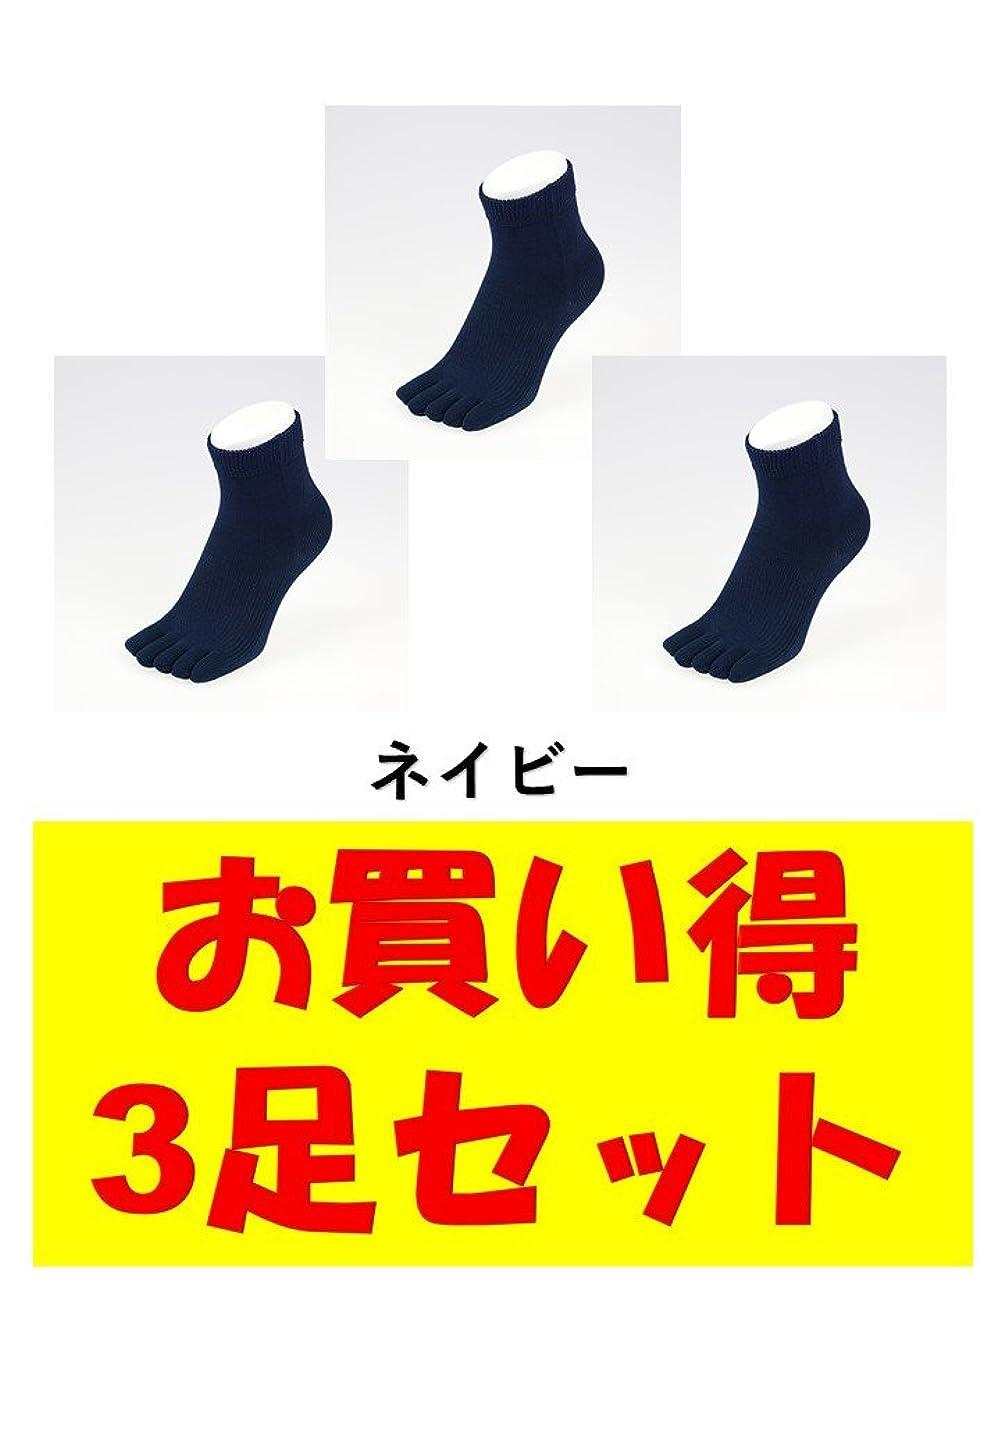 アラート詩遺伝的お買い得3足セット 5本指 ゆびのばソックス Neo EVE(イヴ) ネイビー iサイズ(23.5cm - 25.5cm) YSNEVE-NVY